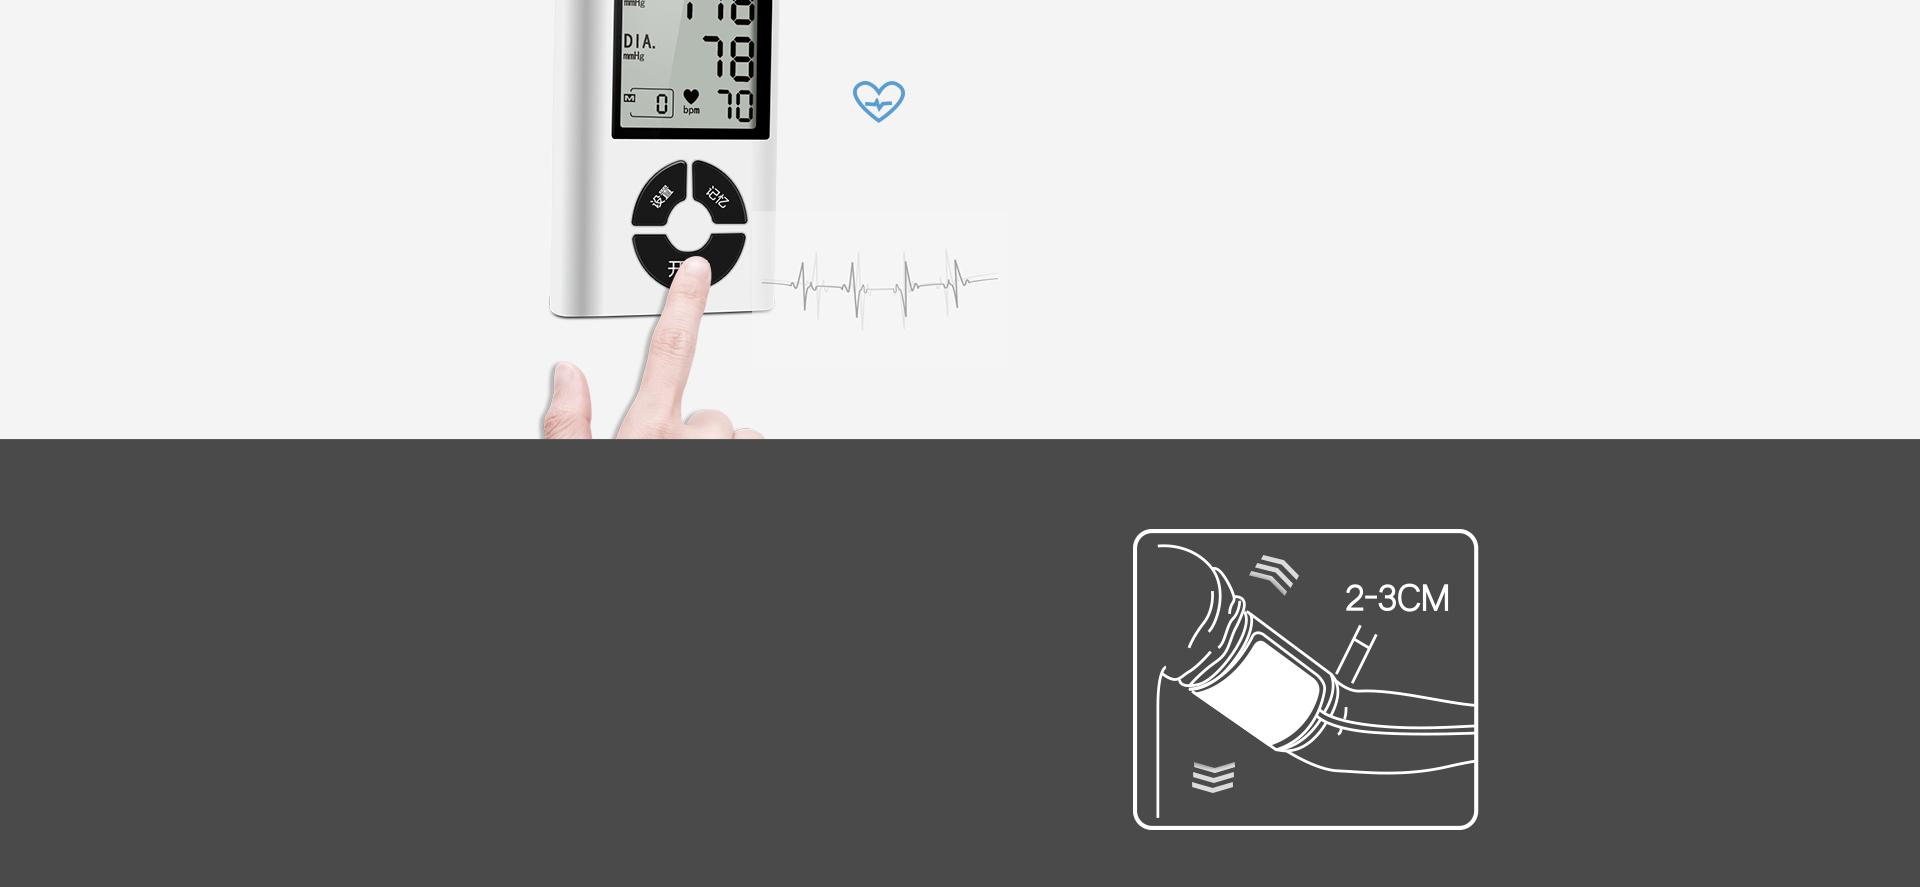 佳测血压计